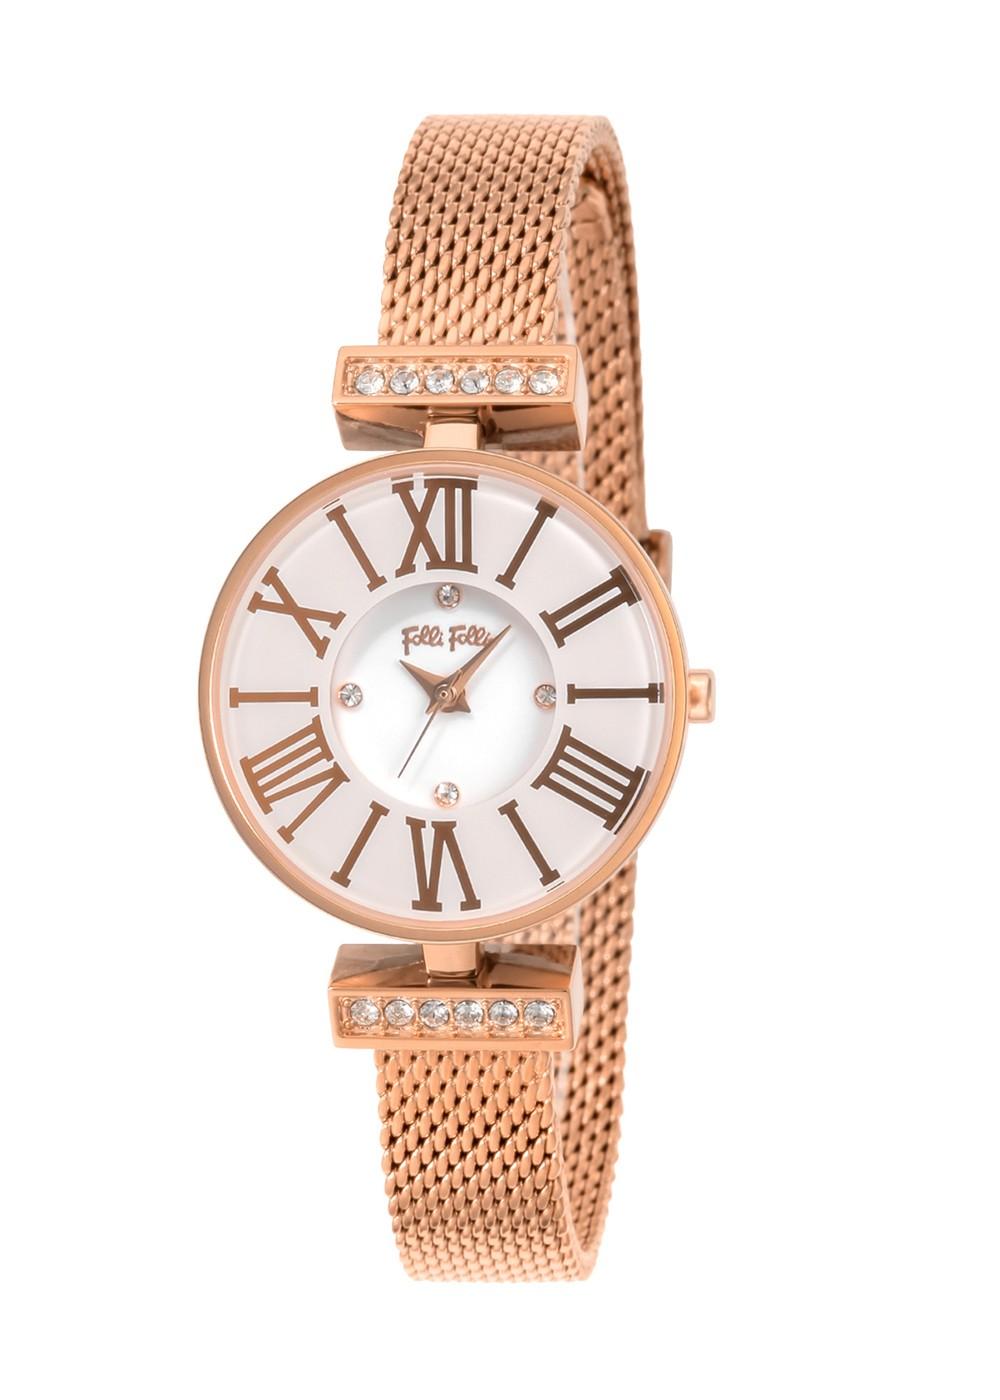 ad4a7f0ee53a ... Follie】ダイナスティ ホワイト レディース腕時計 オンラインファミリーセール - ブランド ...